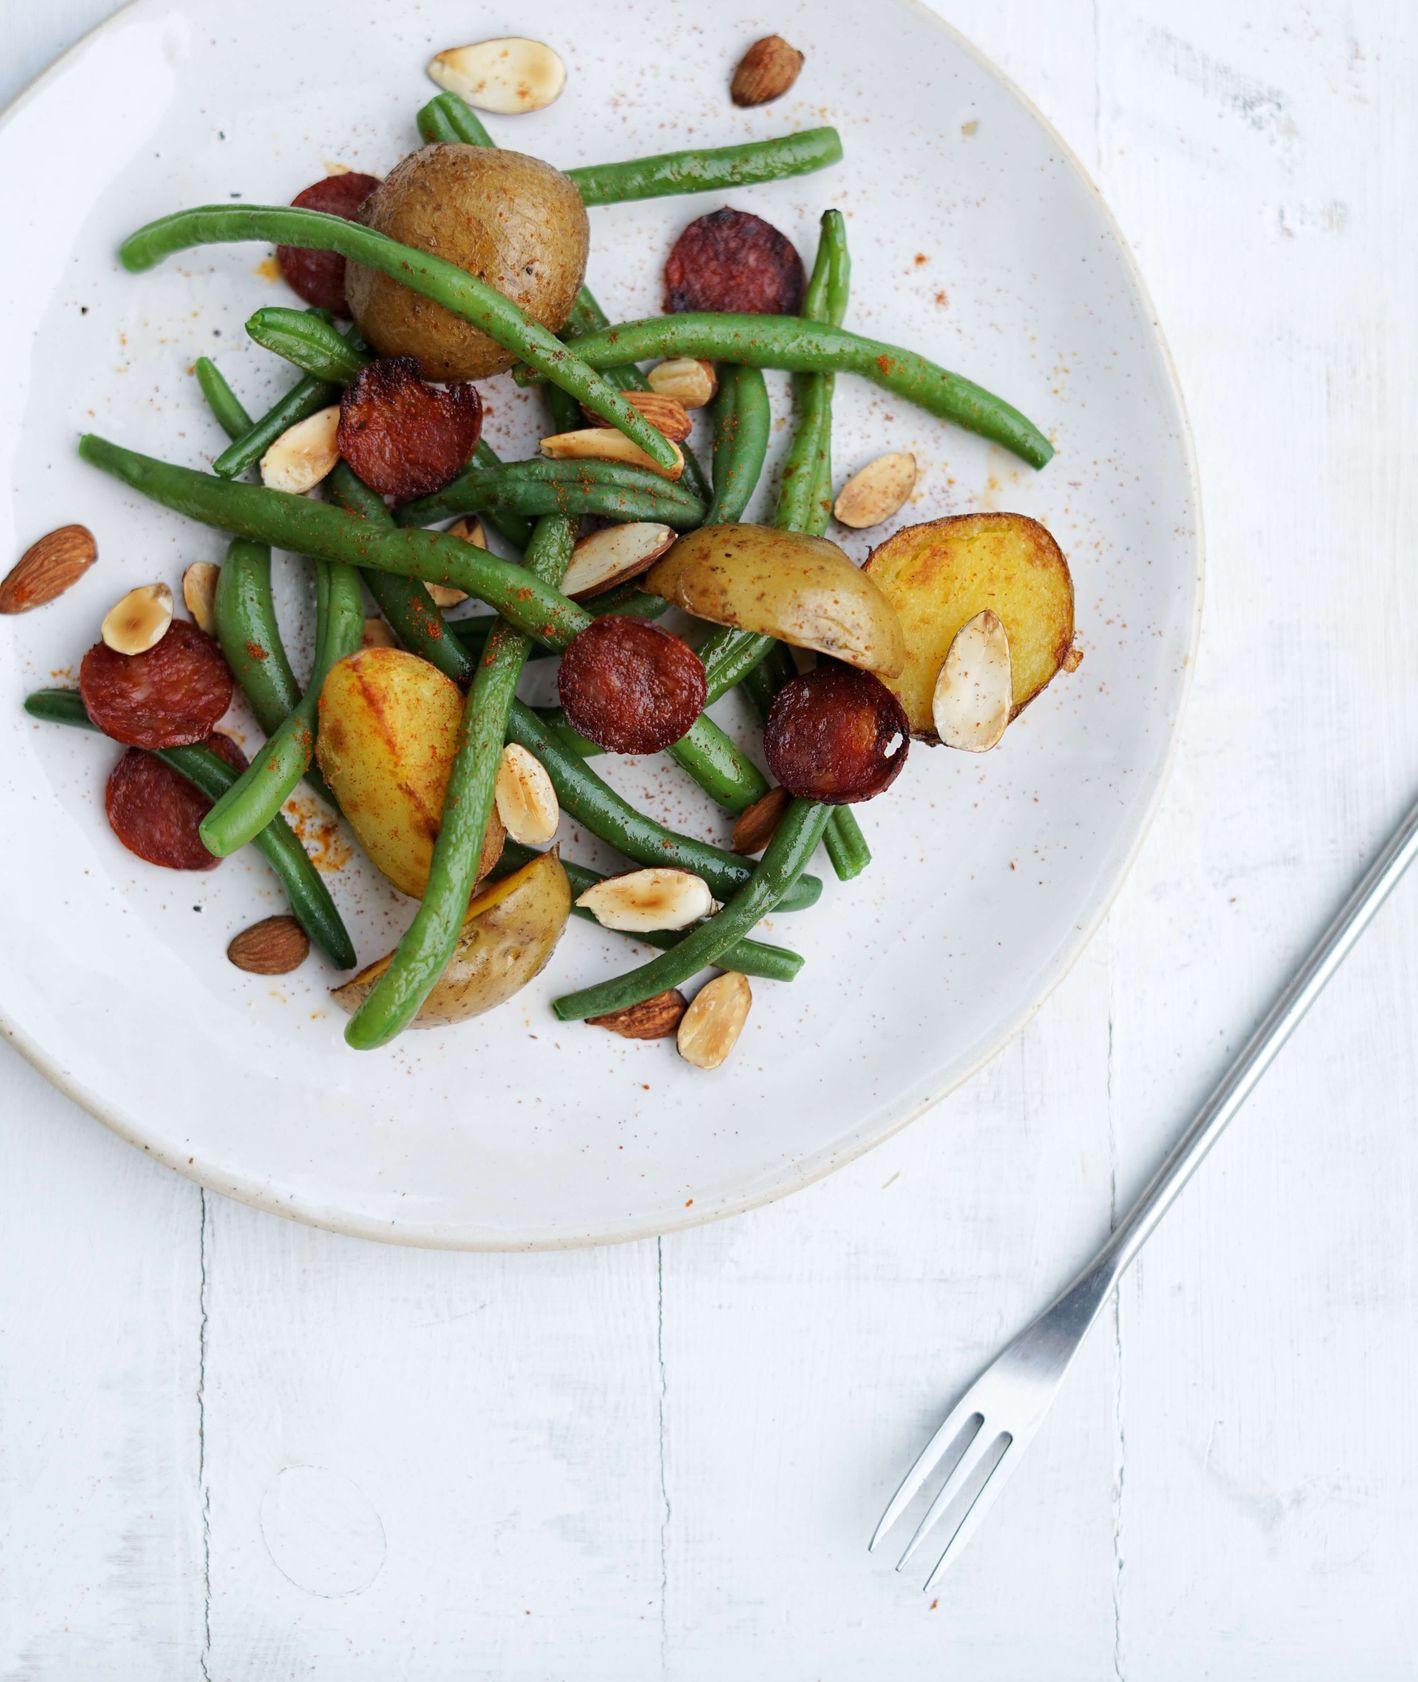 zielona fasolka szparagowa, chorizo, migdały i ziemniaki - przepis na sałatkę